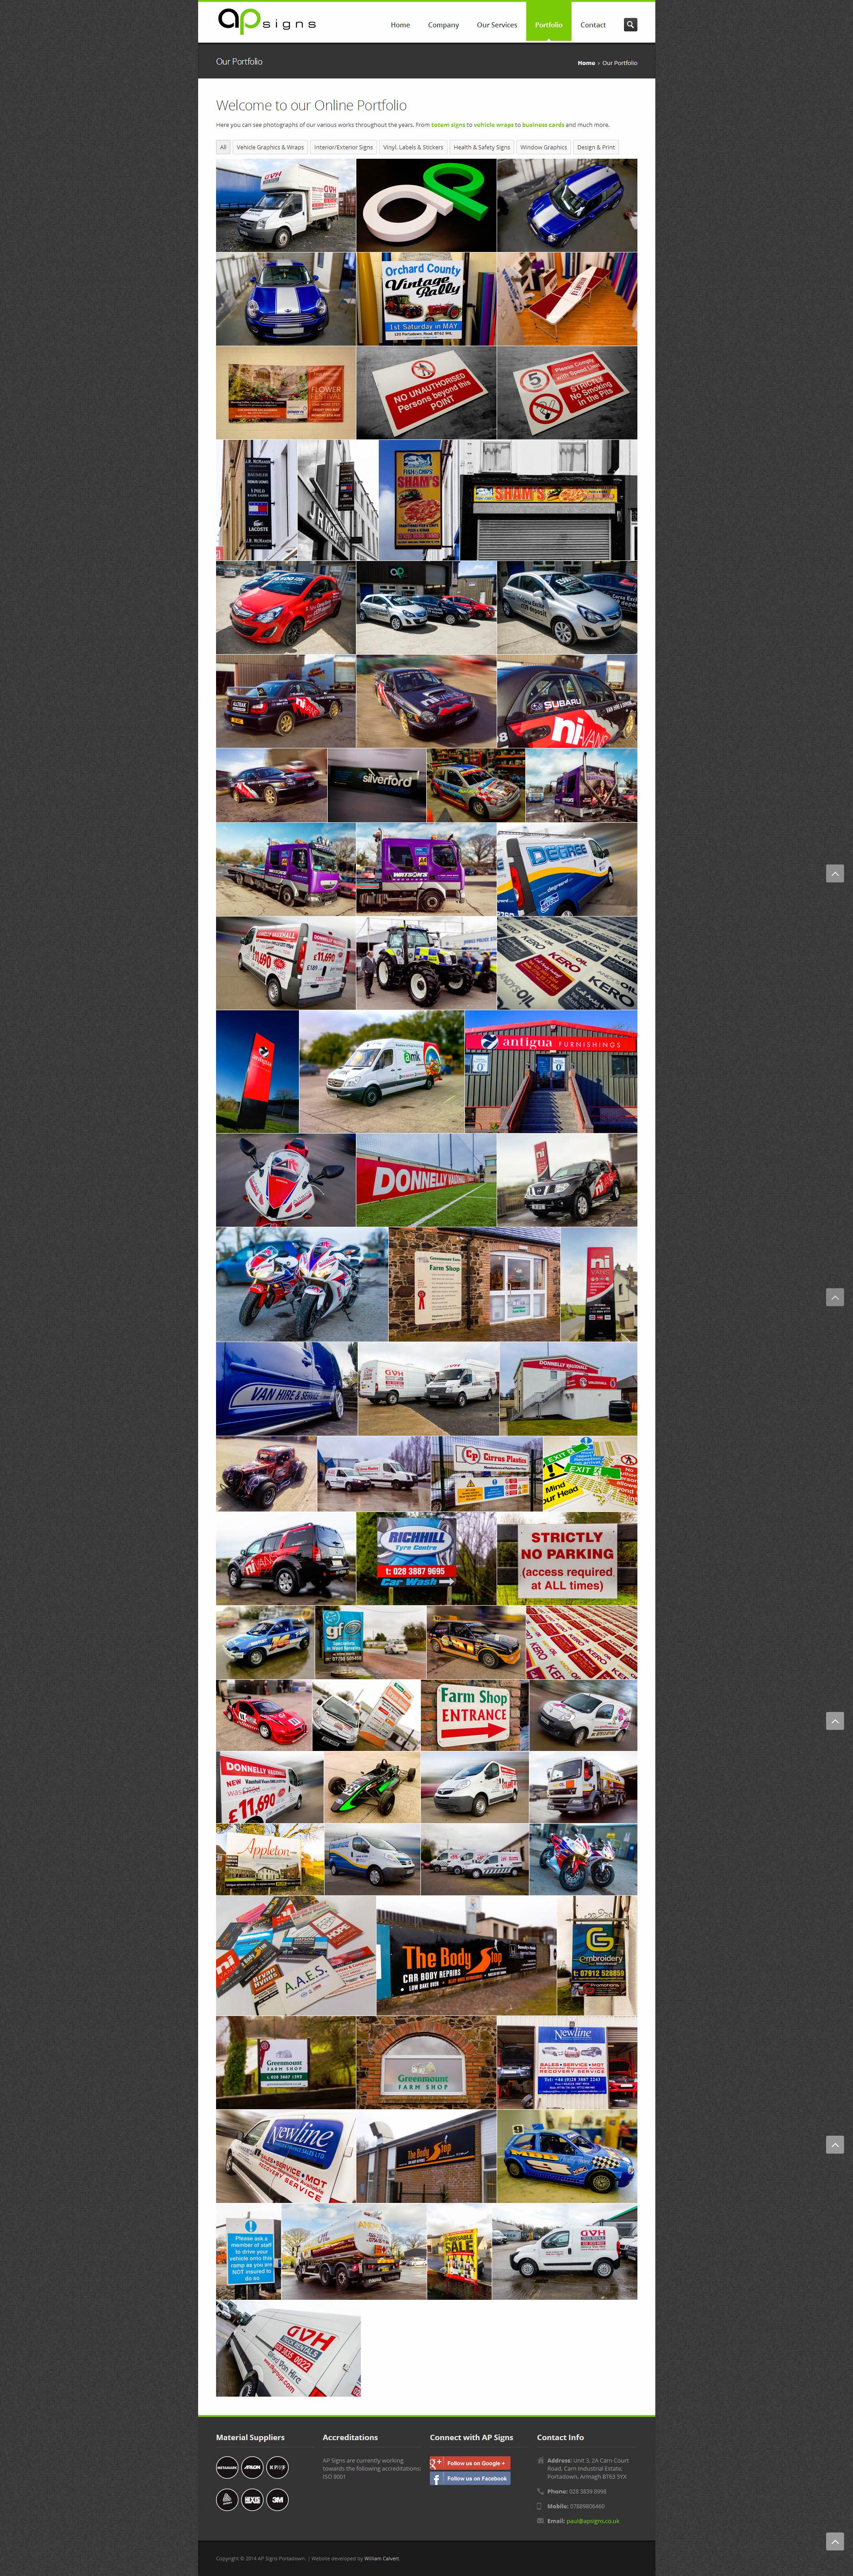 AP Signs Portadown - Photo Gallery